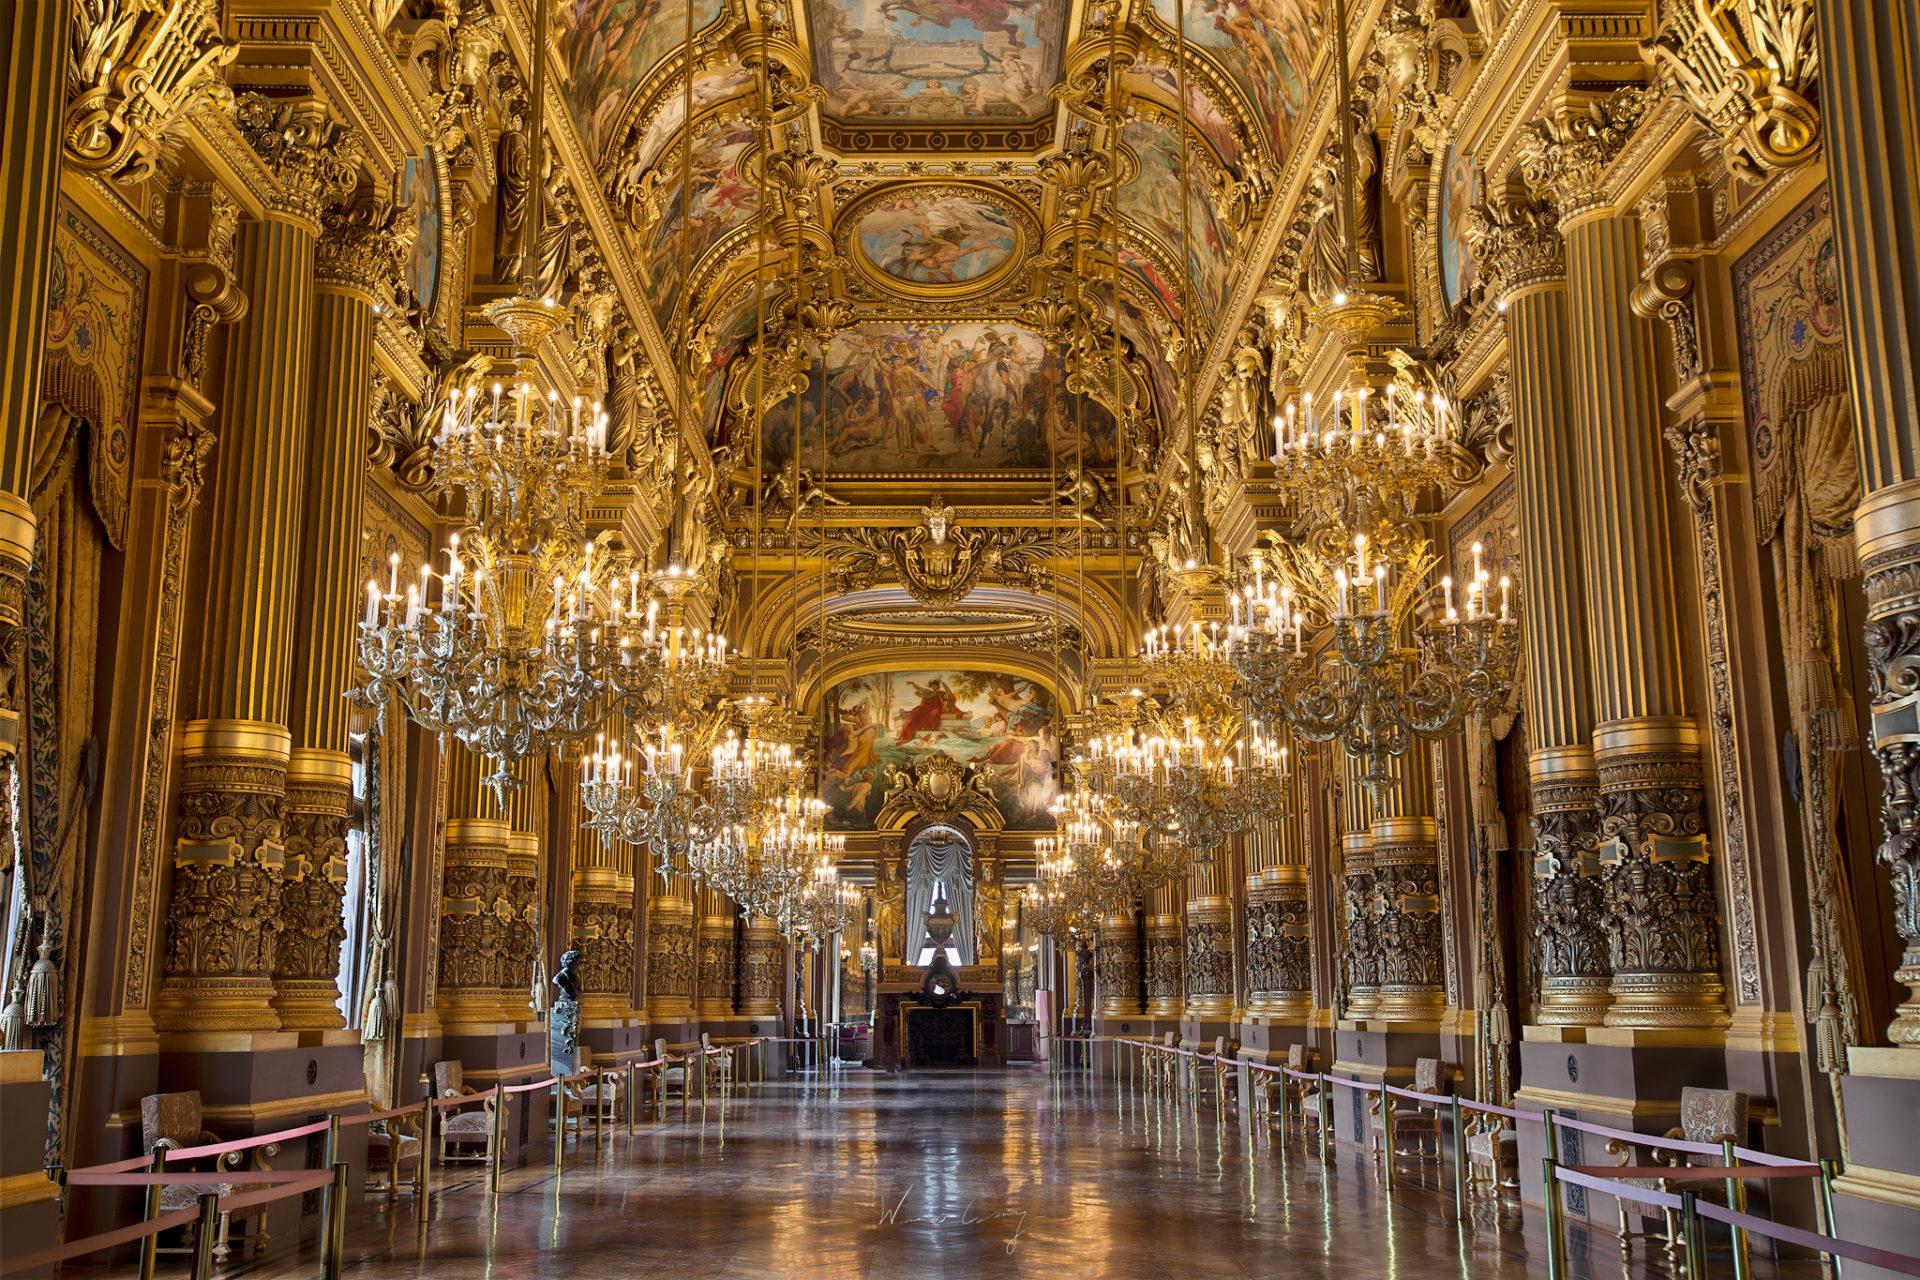 巴黎歌劇院介紹與參觀拍照建議 by 旅行攝影師張威廉